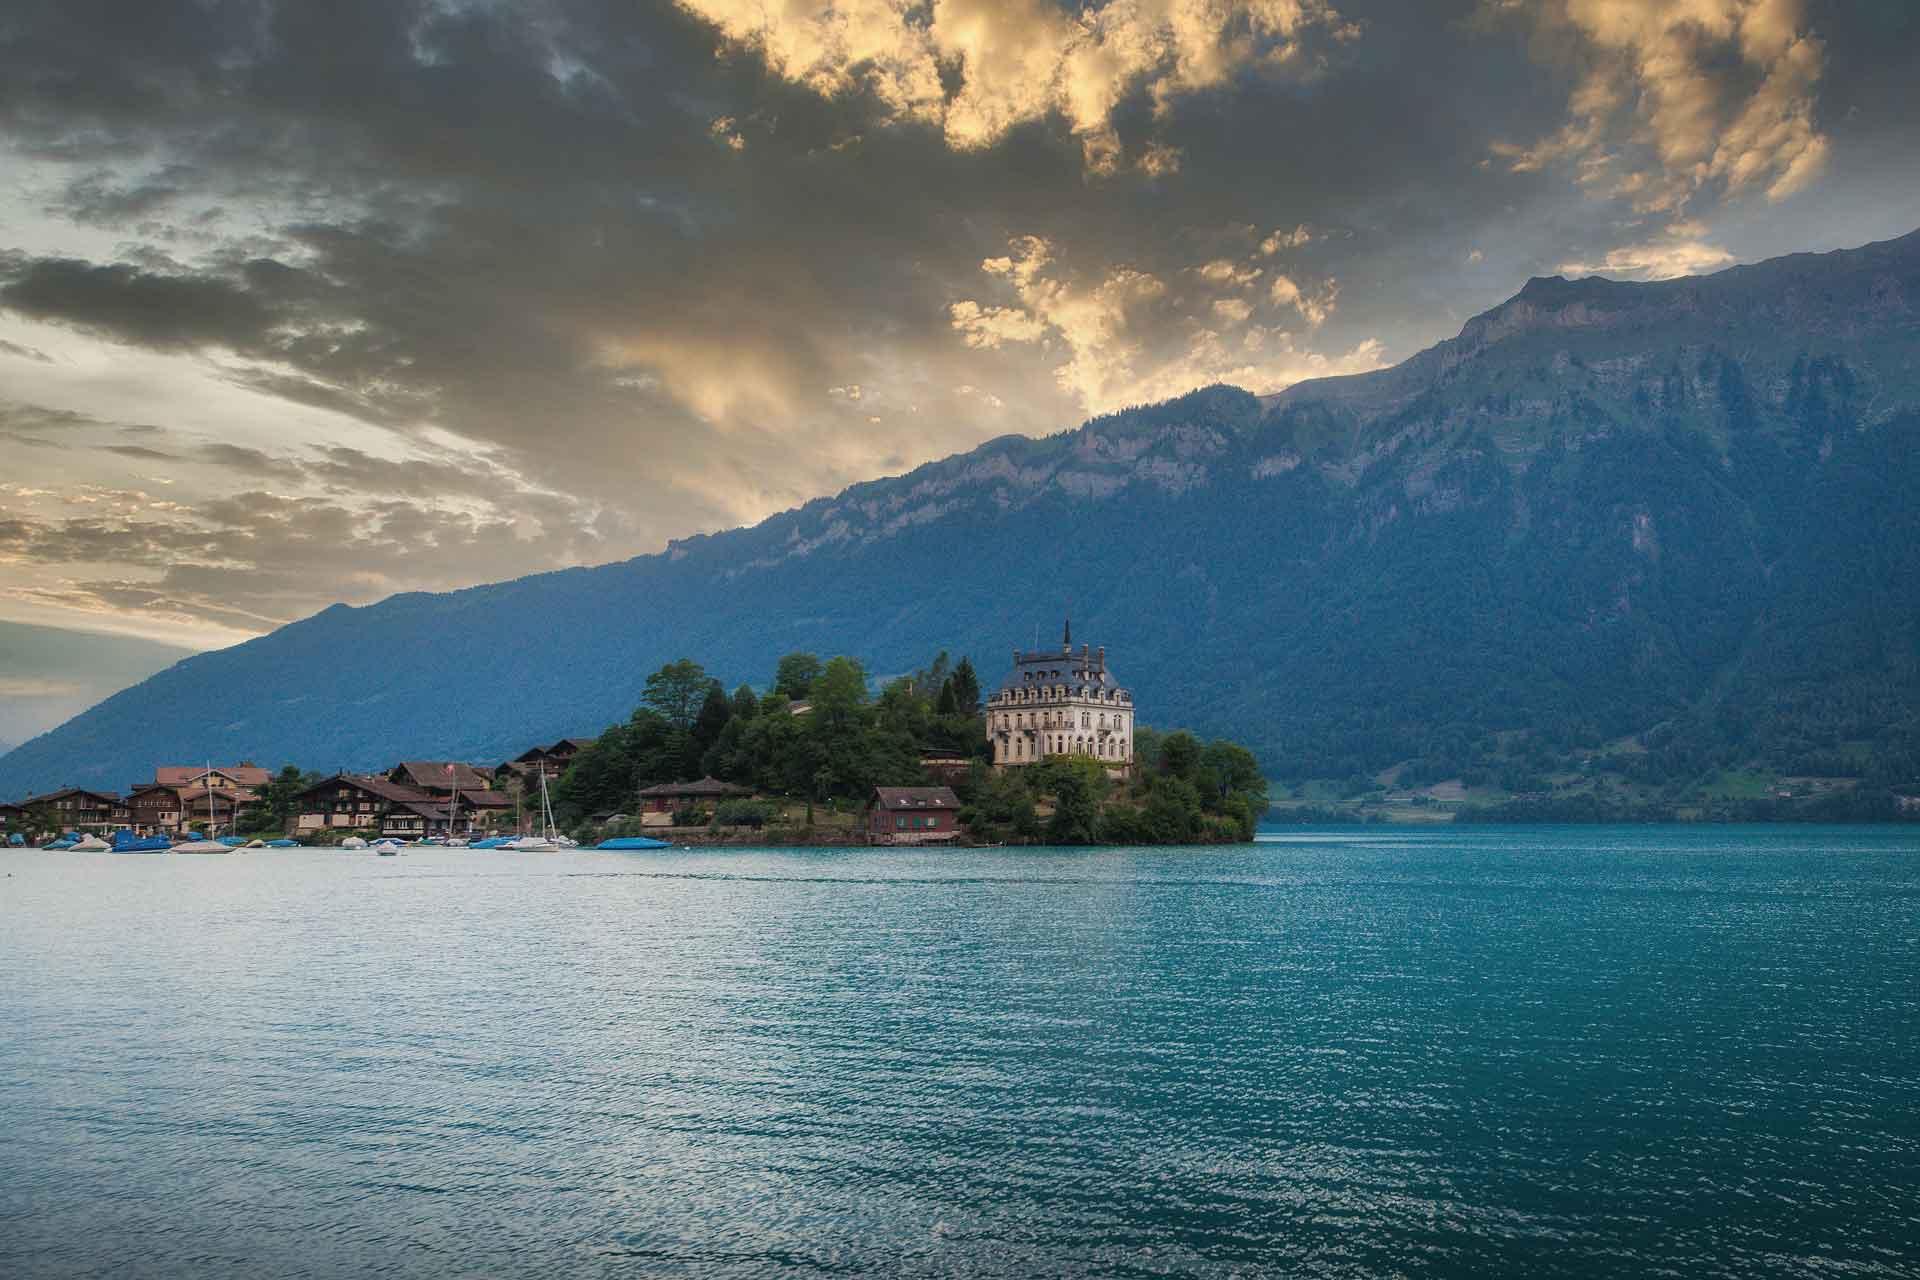 Interlaken Photo Tour 1 - Brienz, Giessbach Iseltwald